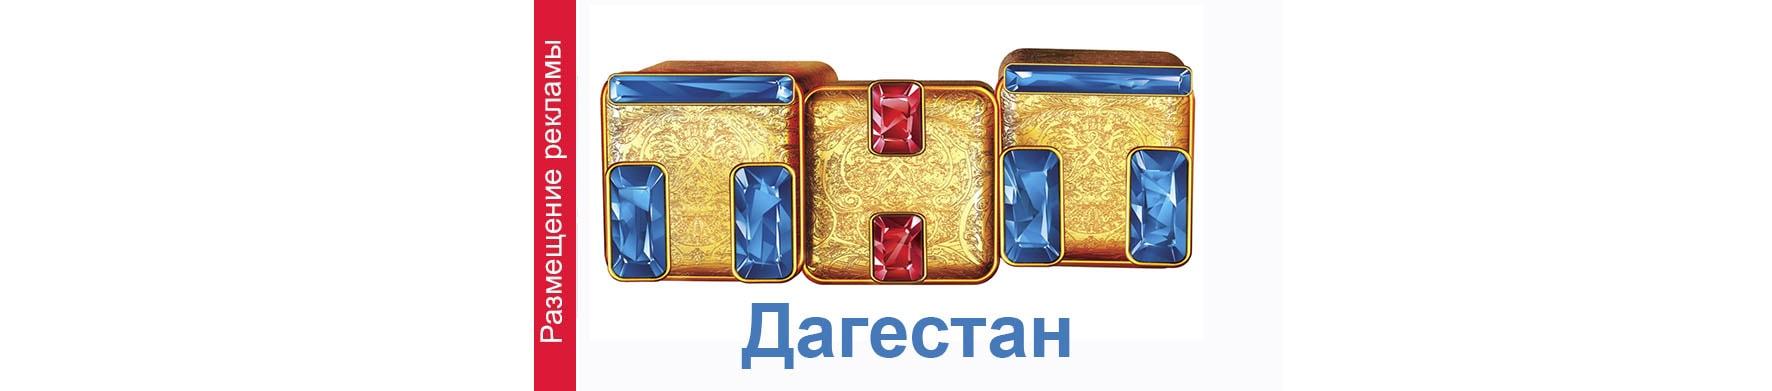 Реклама на телевидении в Дагестане ТНТ